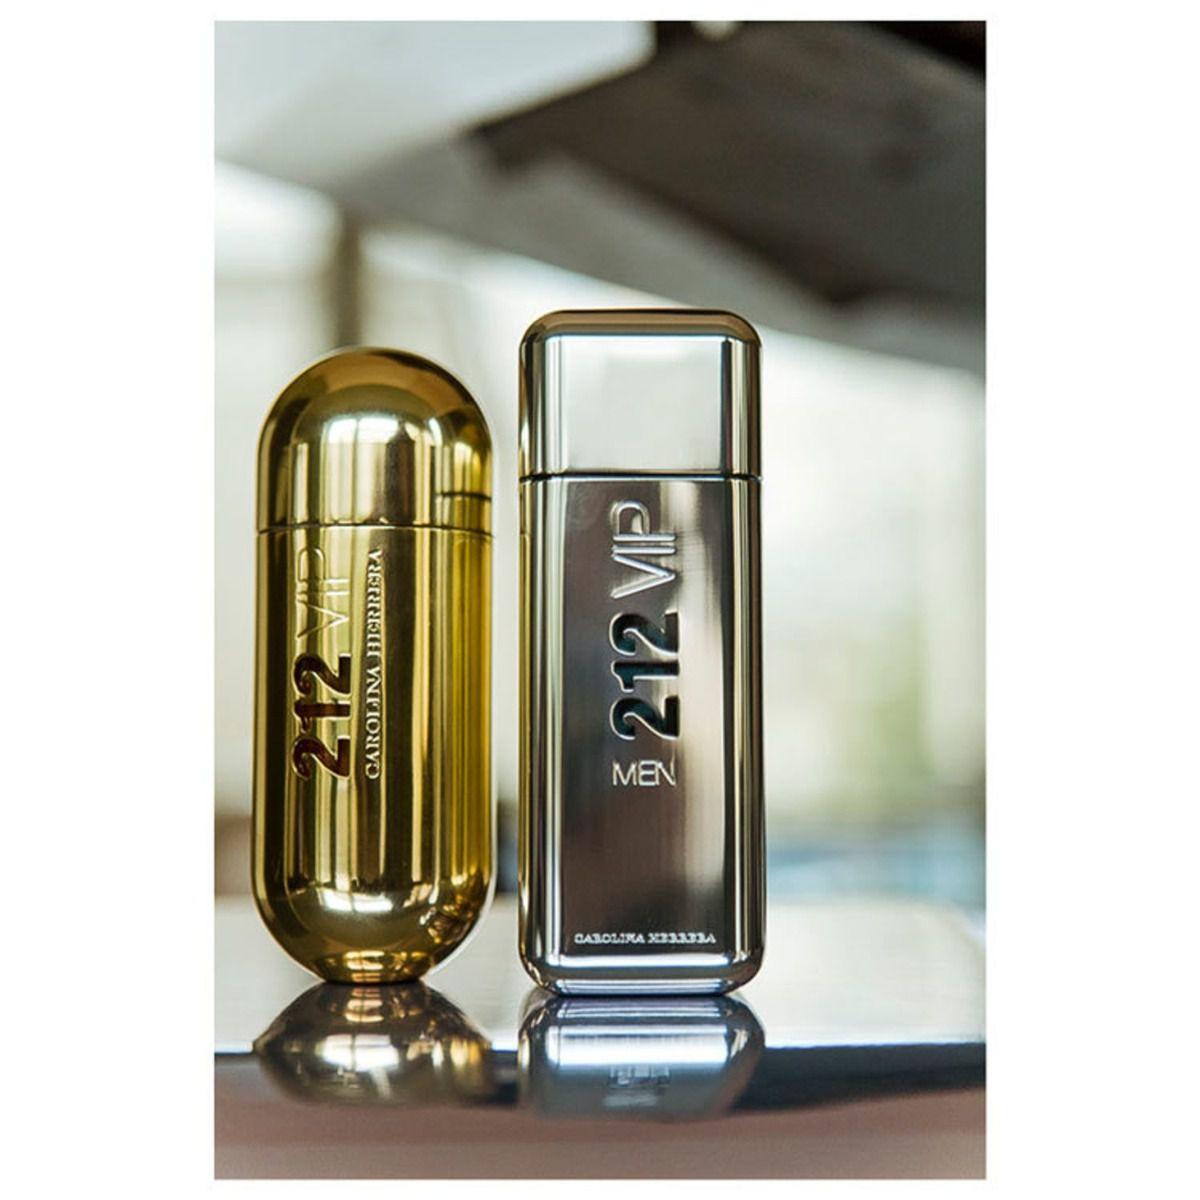 Perfume 212 VIP Men Carolina Herrera Eau de Toilette - Masculino 200ml